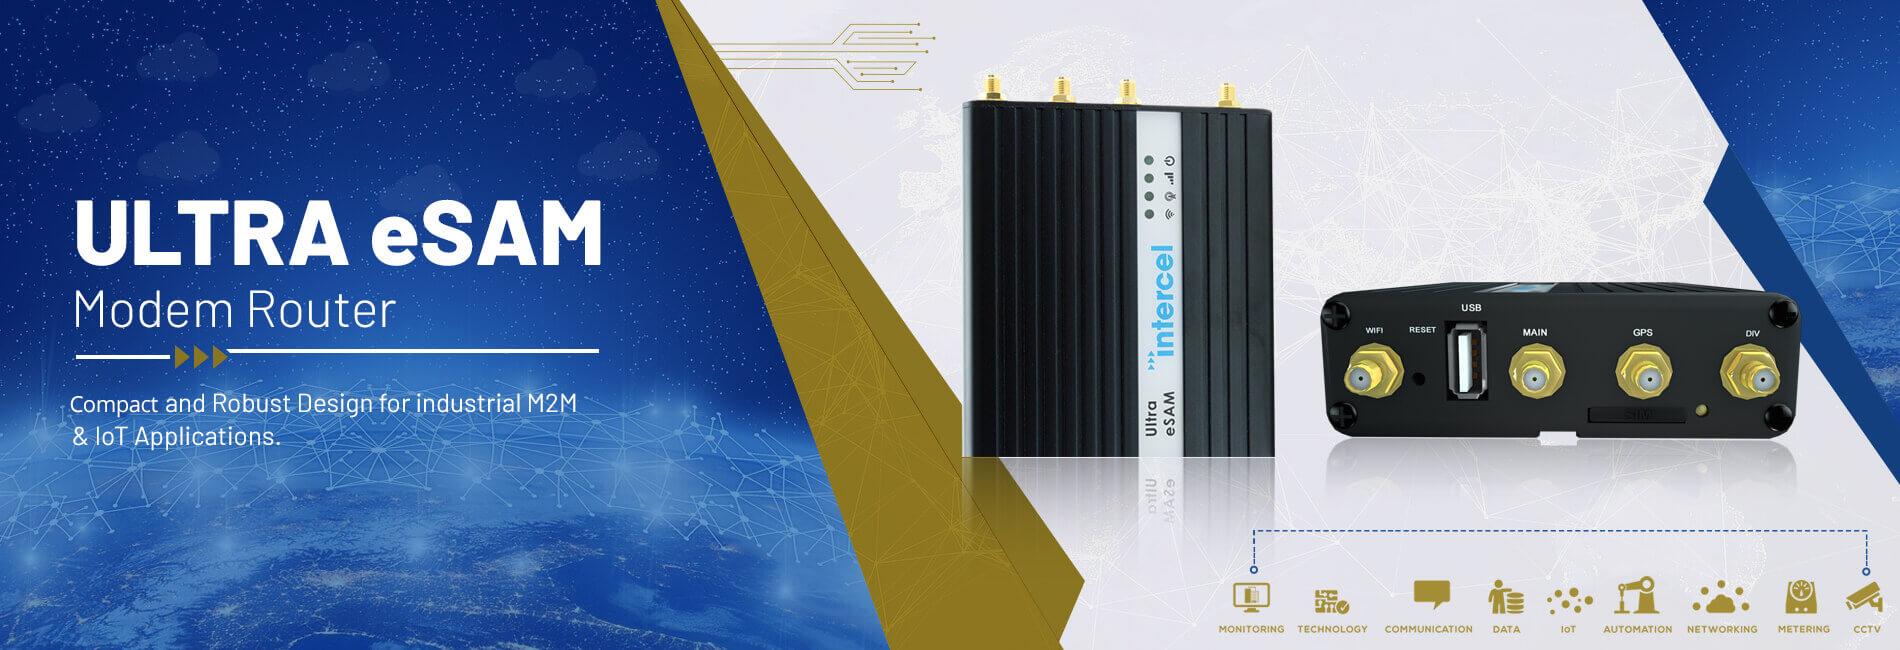 Ultra eSam